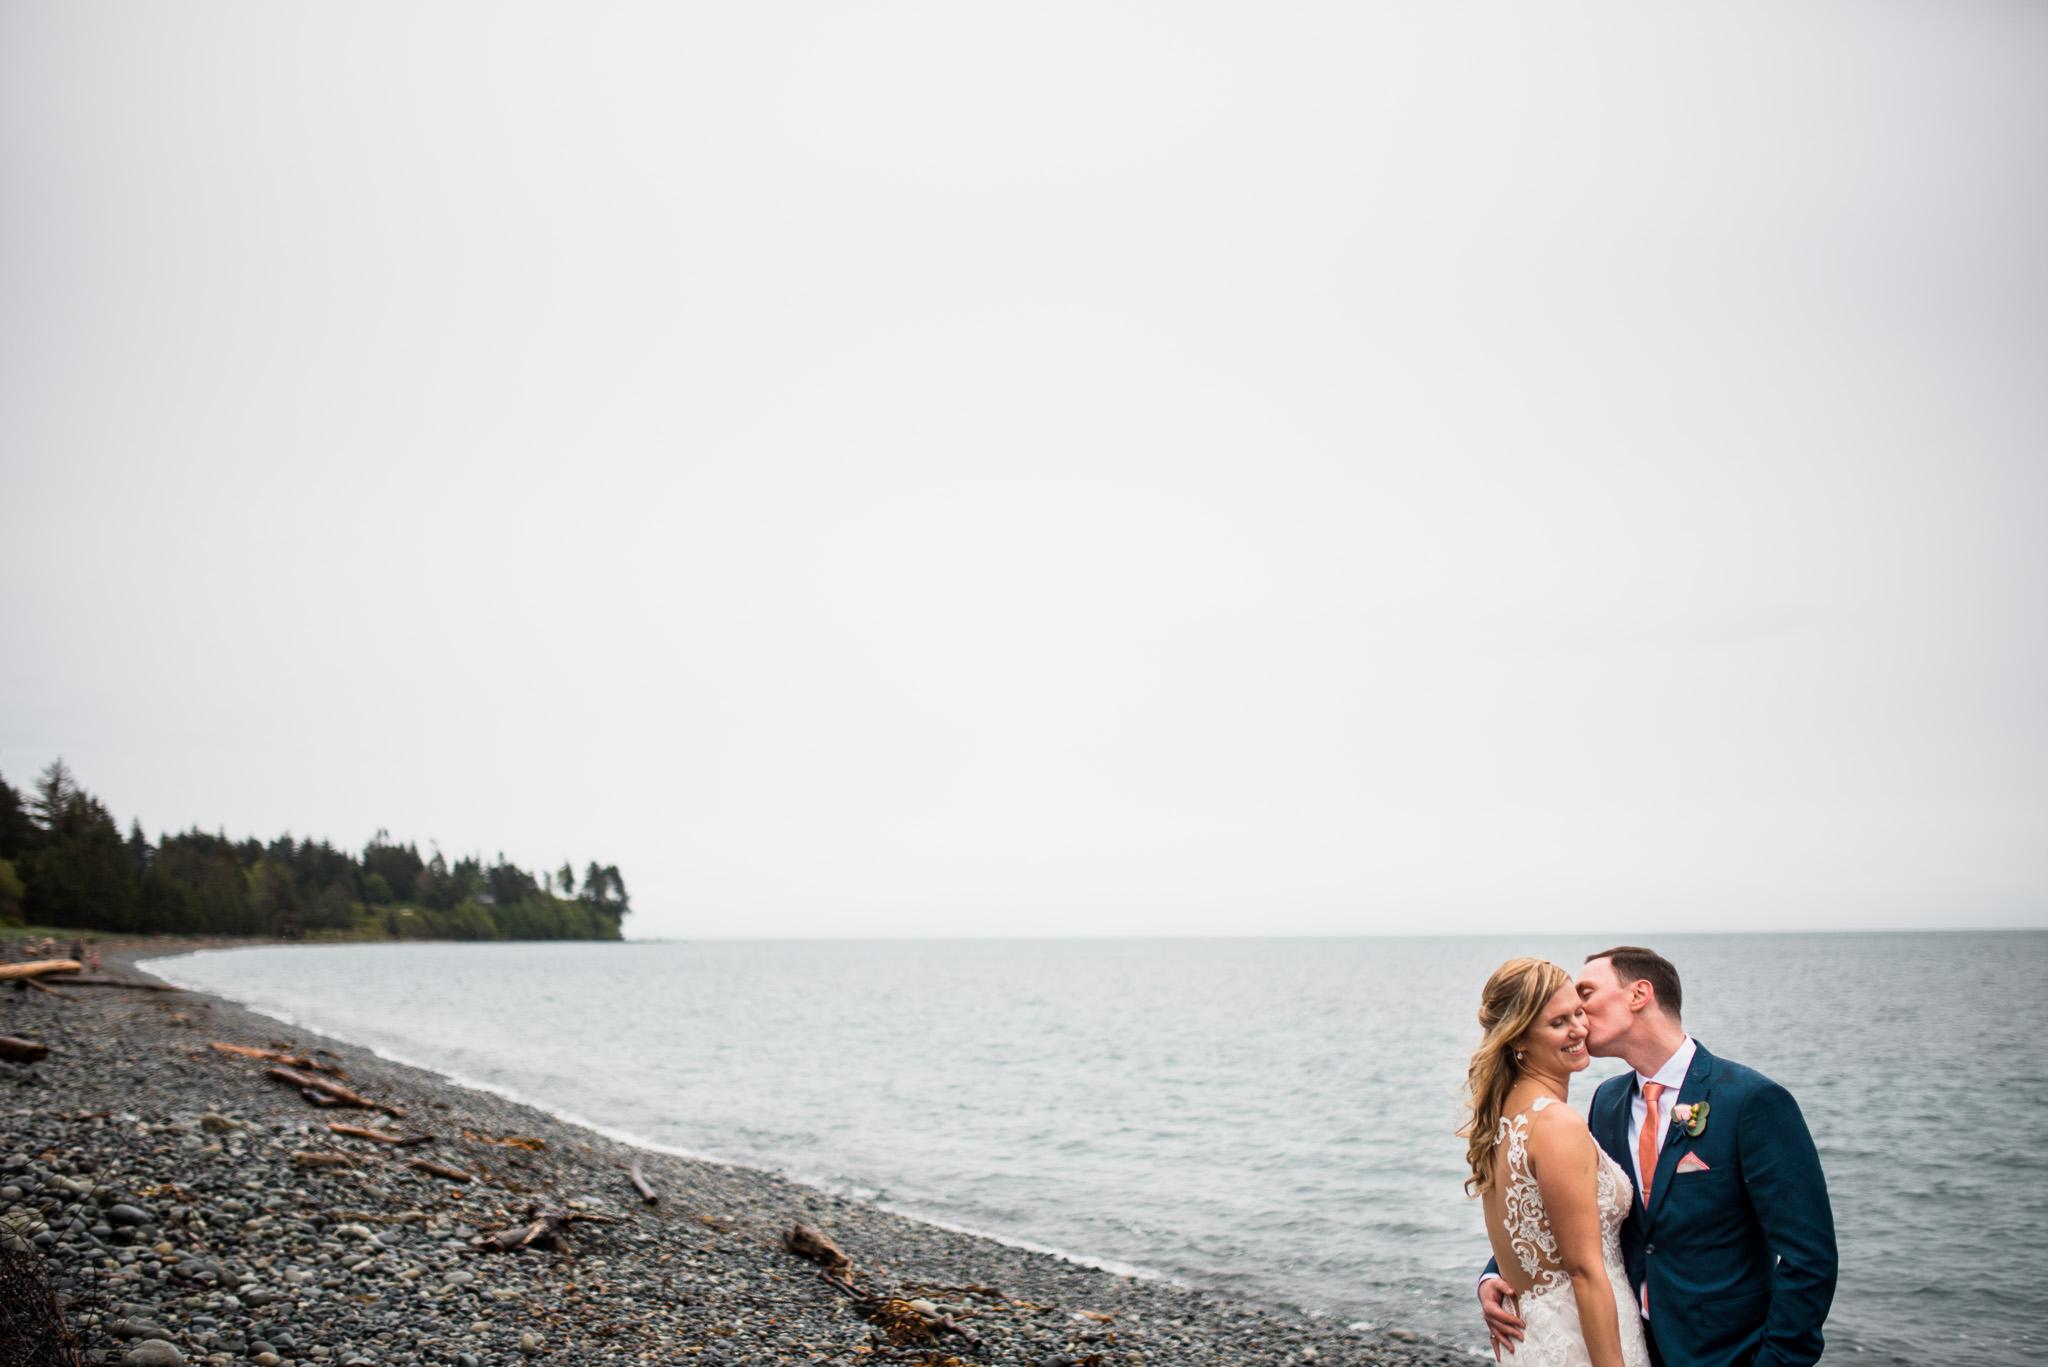 victoria-wedding-photographers-prestige-oceanfront-resort-wedding-29.jpg